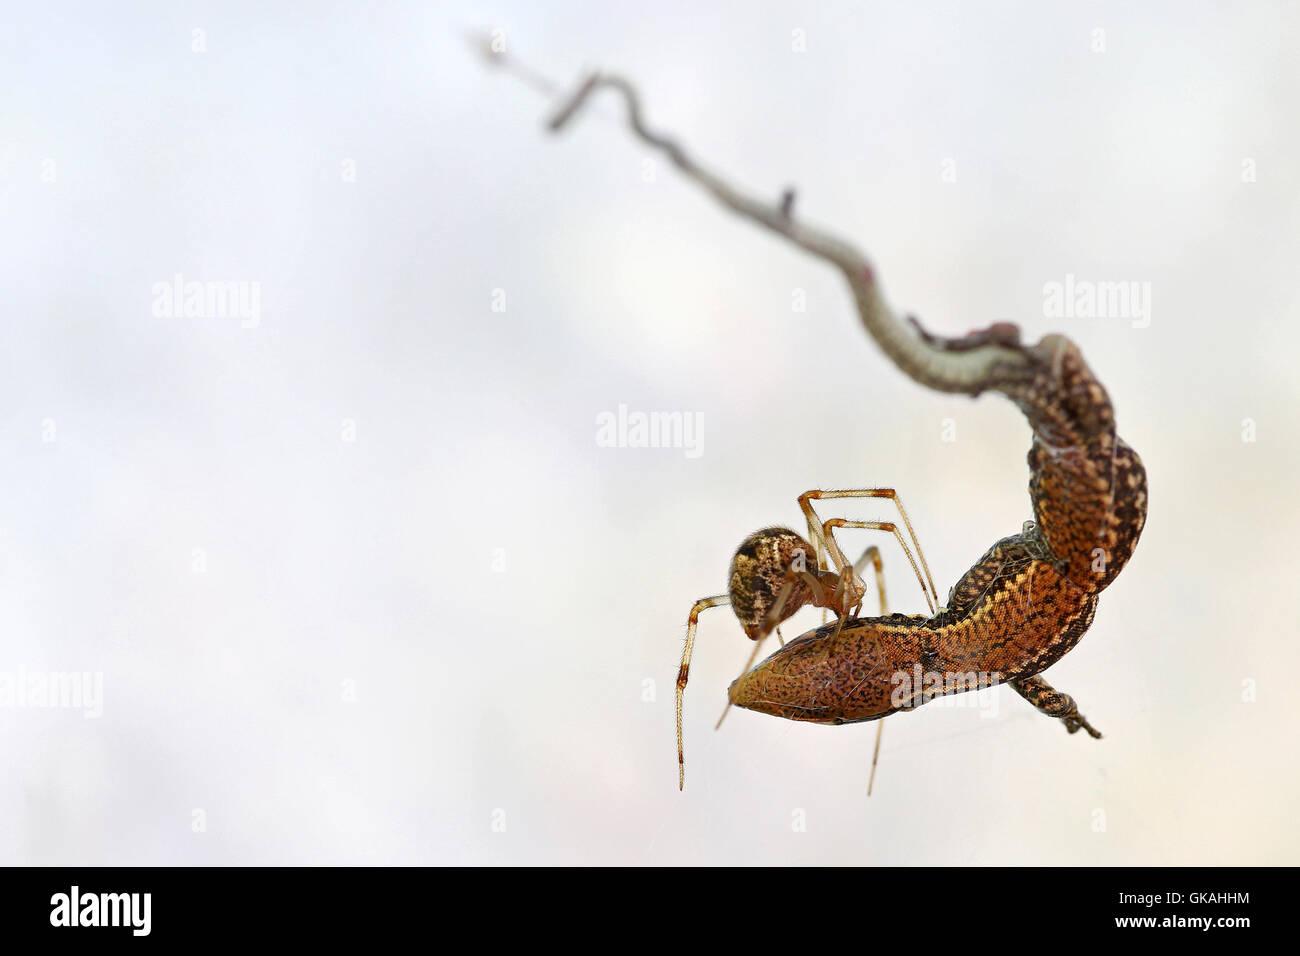 Fütterung auf eine kleine Eidechse Spinne gefangen im Netz vor einem weißen Hintergrund Stockbild